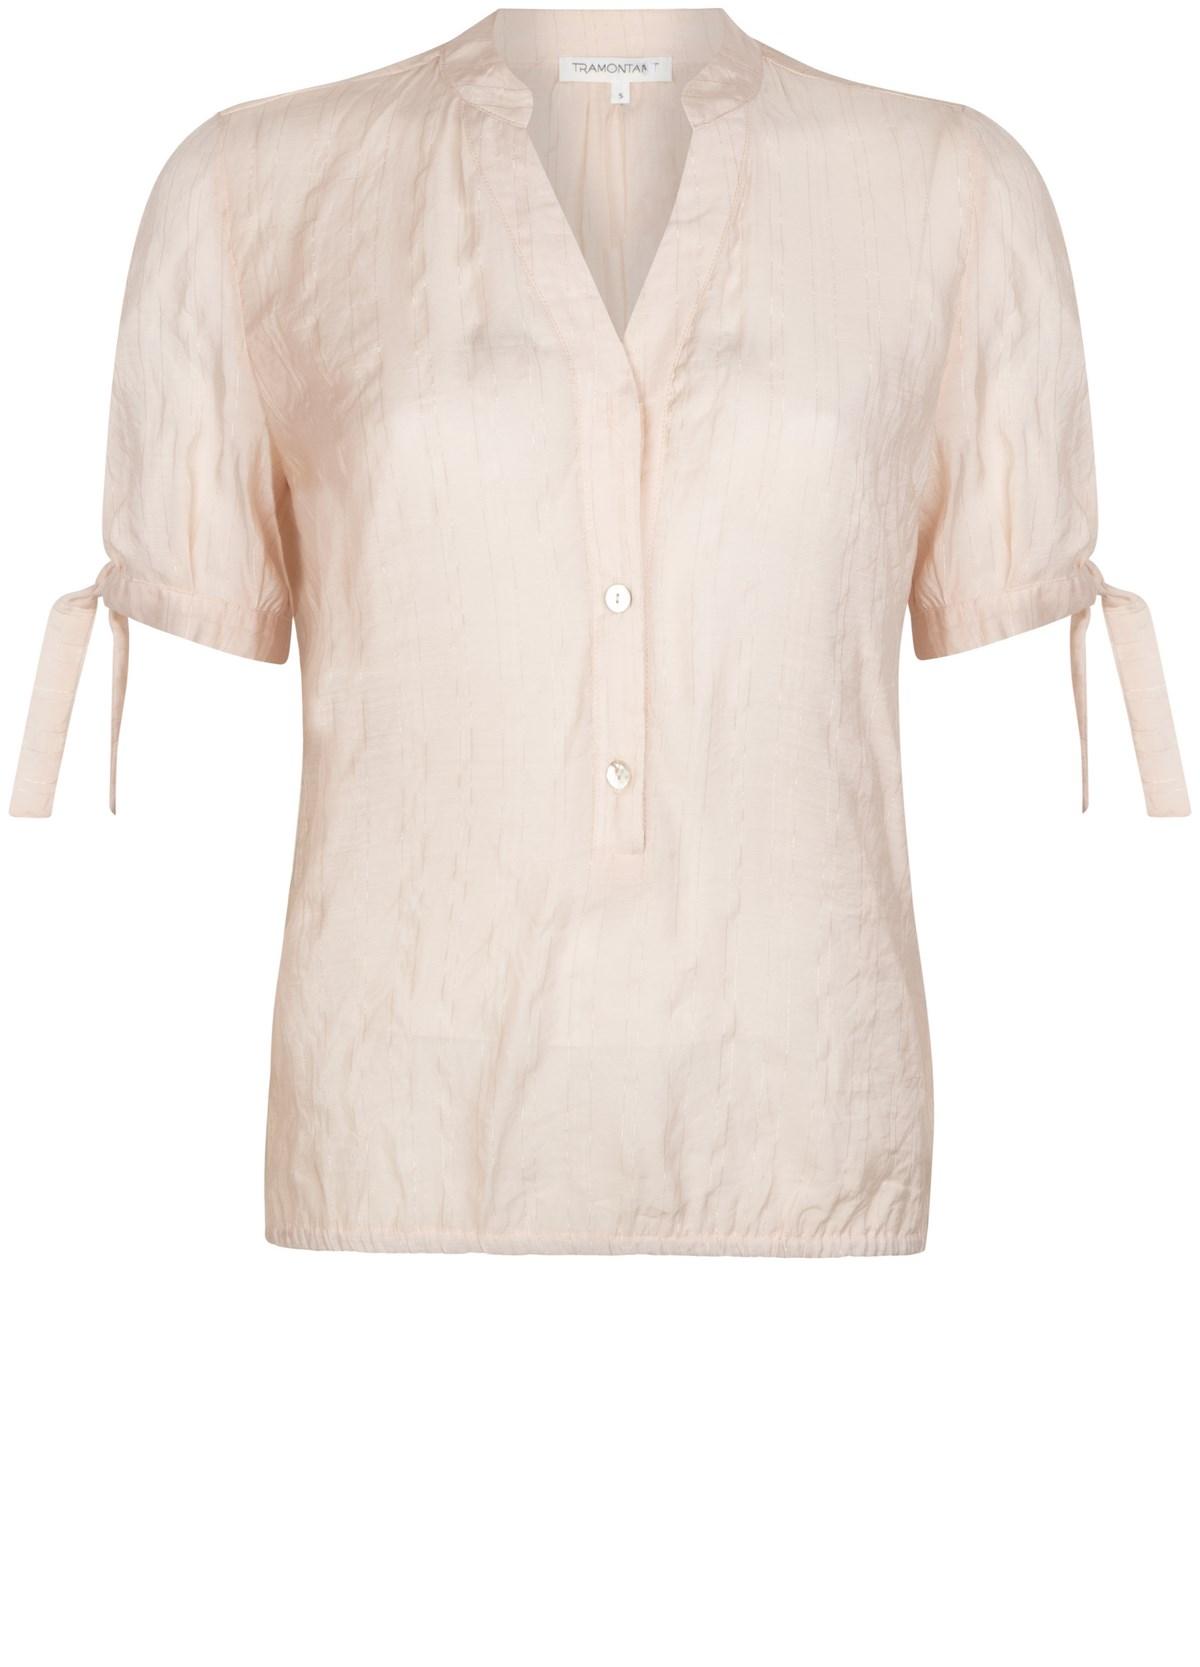 Tramontana Shirt - Top Roze E06-95-301